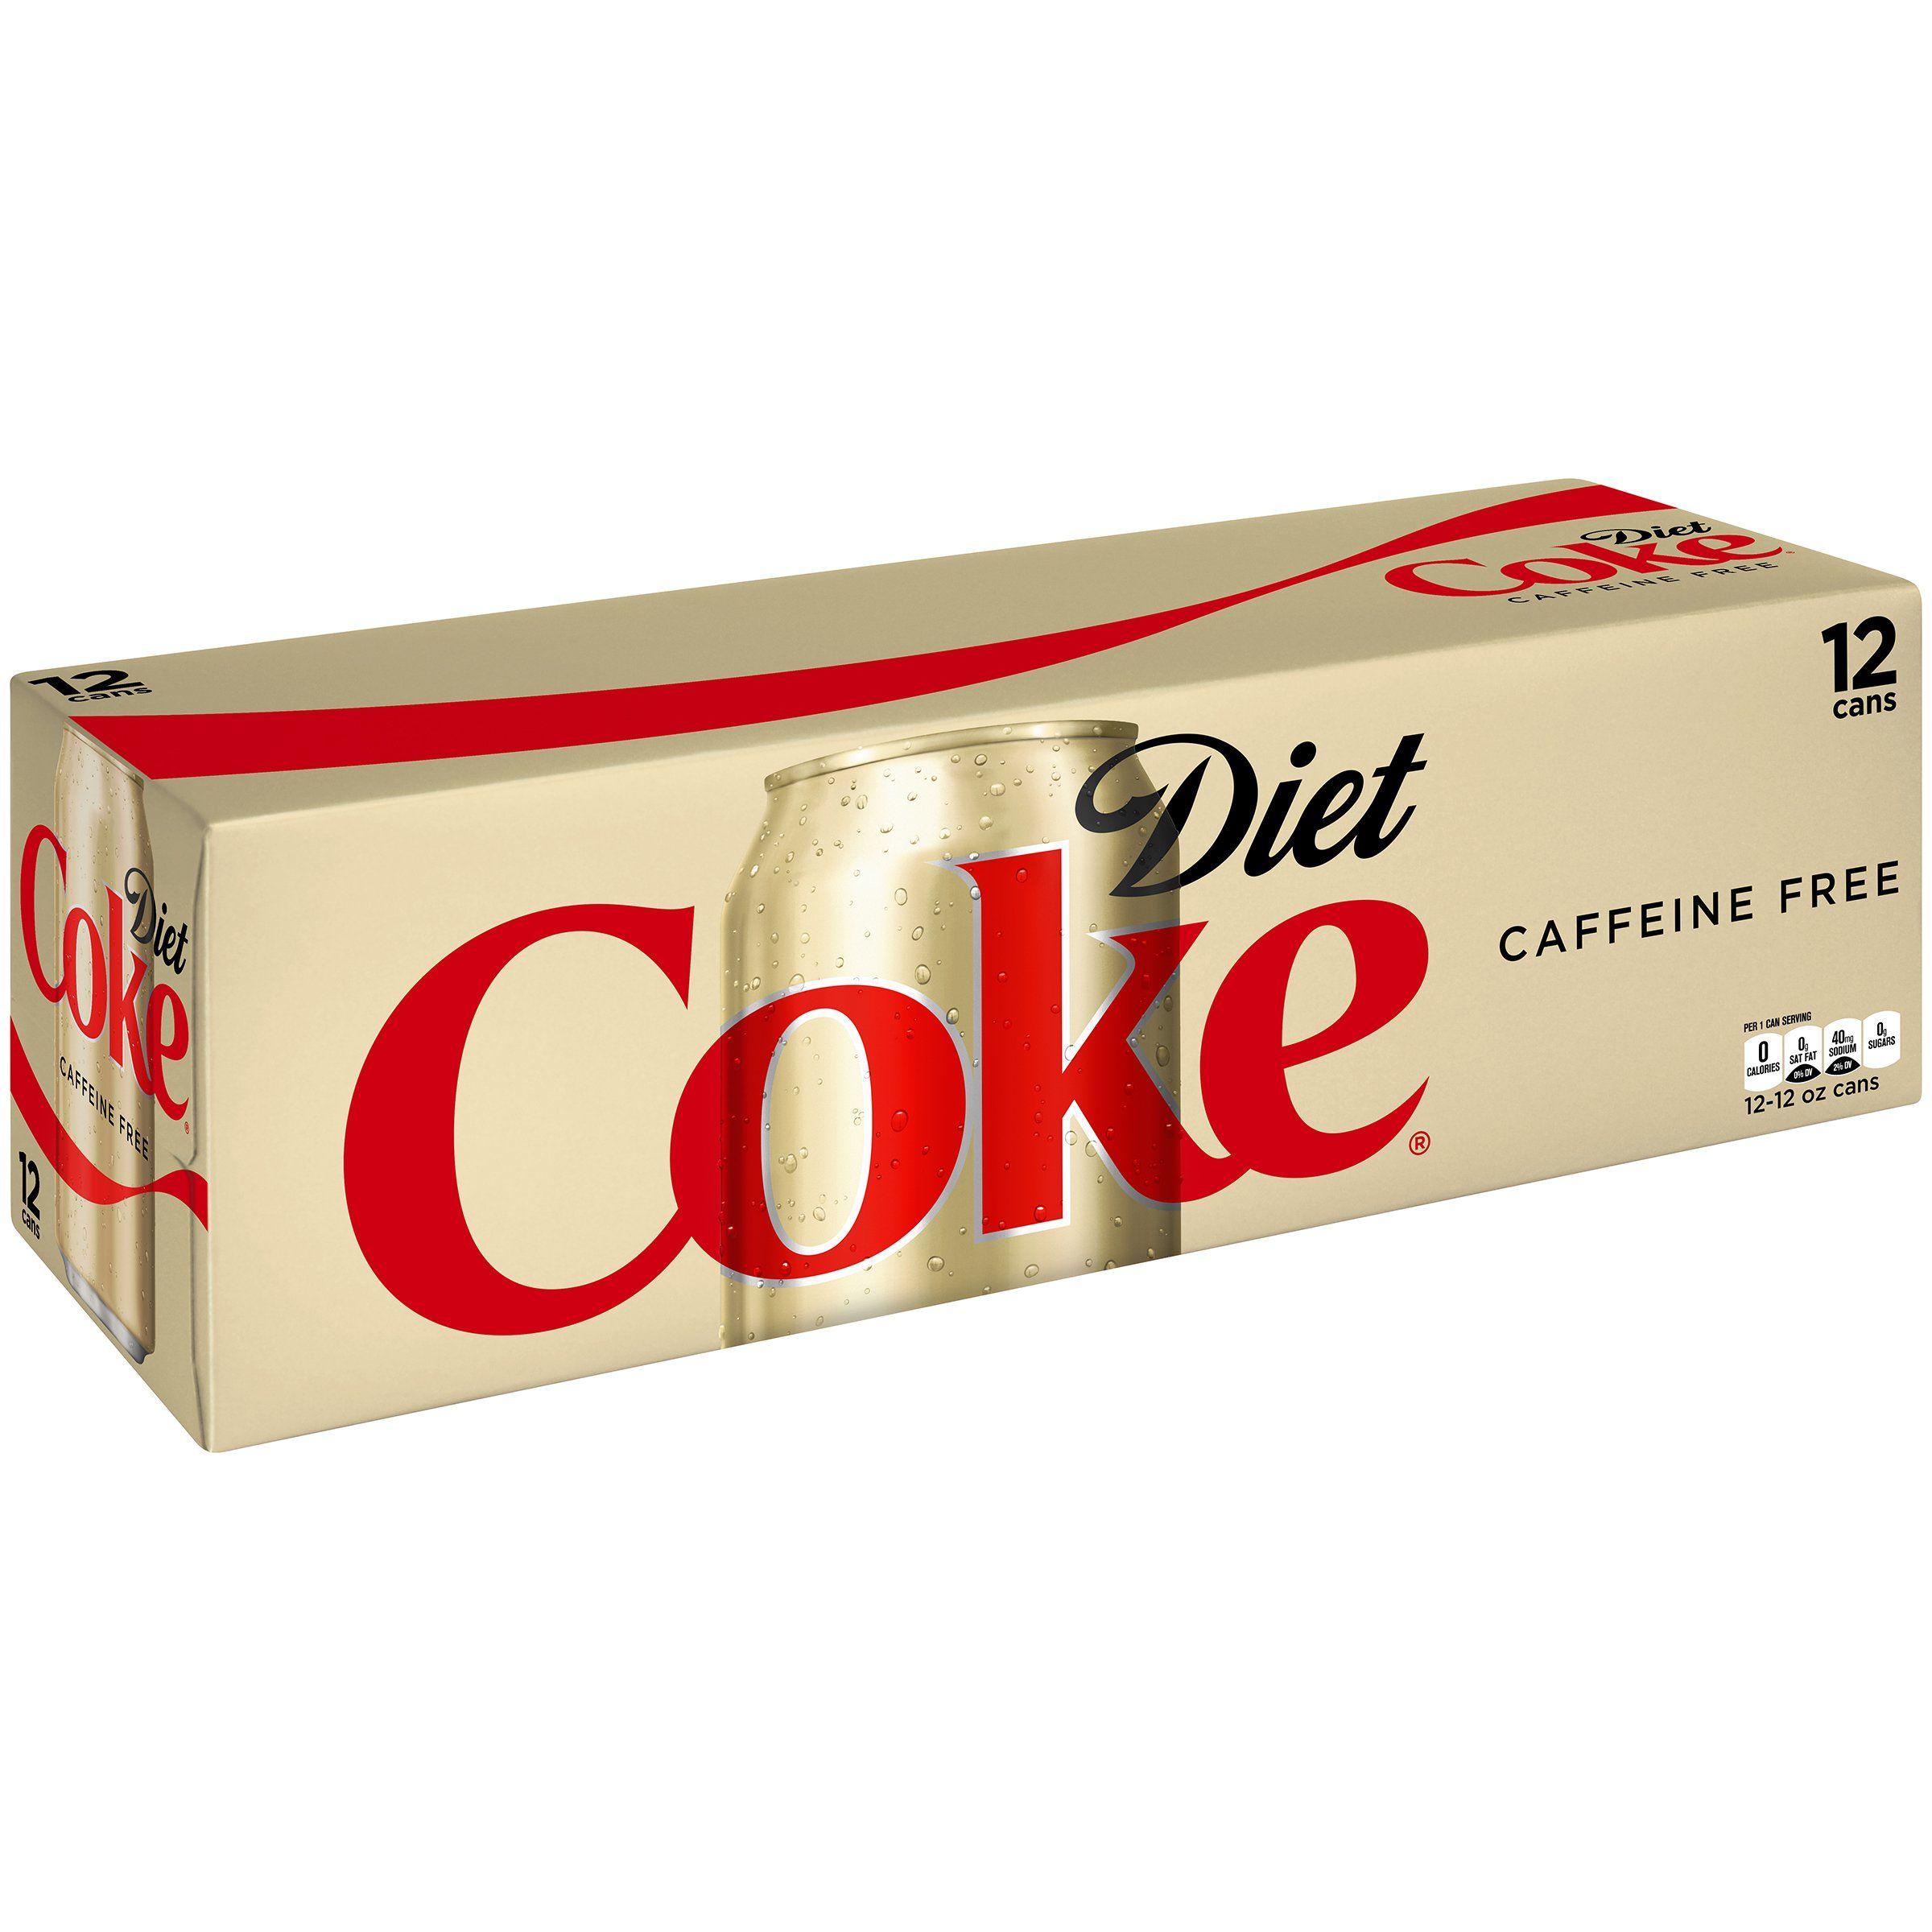 Caffeine Free Diet Coke, 12 fl oz, 12 Pack diet